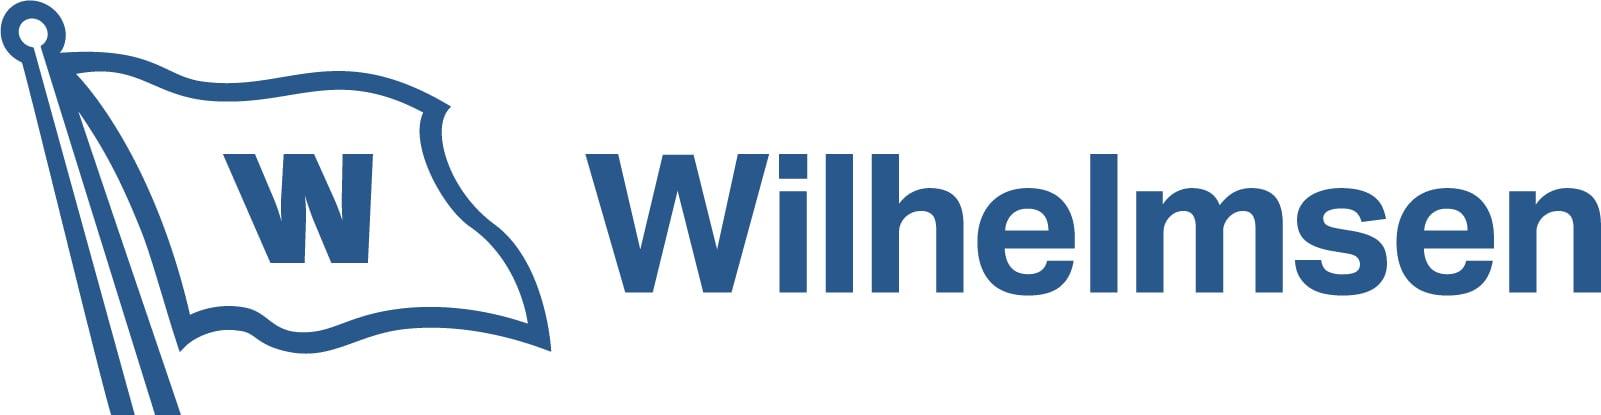 Wilhelmsen_Logo_RGB-1600